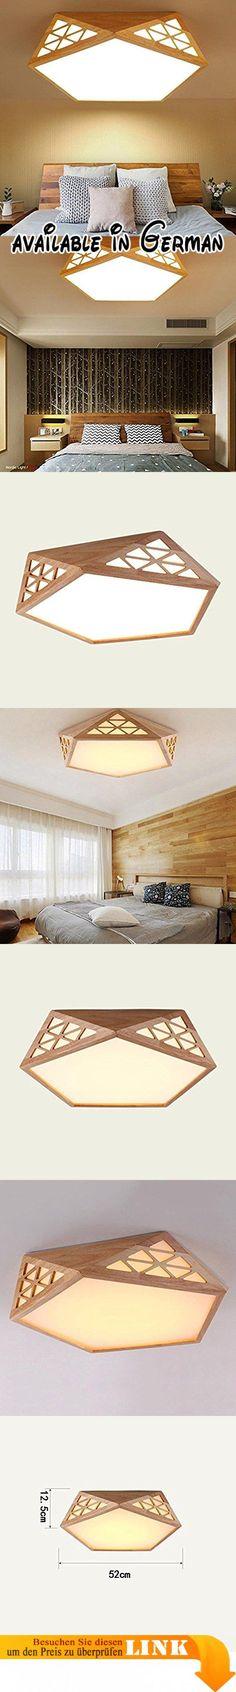 KANG@ Led-Decke Leuchte für Schlafzimmer Wohnzimmer Esszimmer Flur - moderne deckenleuchten fur wohnzimmer